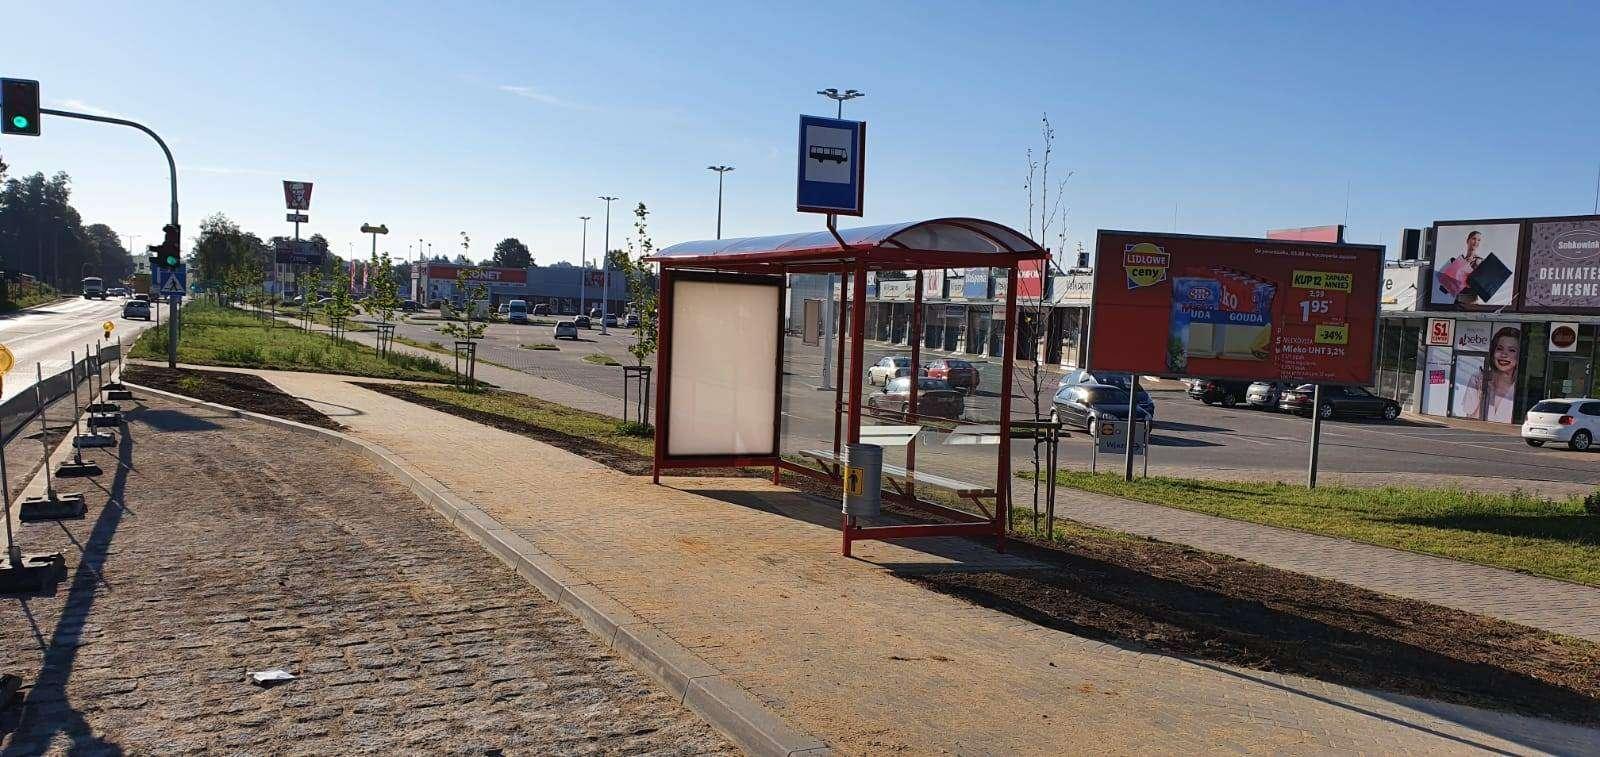 Przystanek-autobusowy-koło-Lidla-os-3